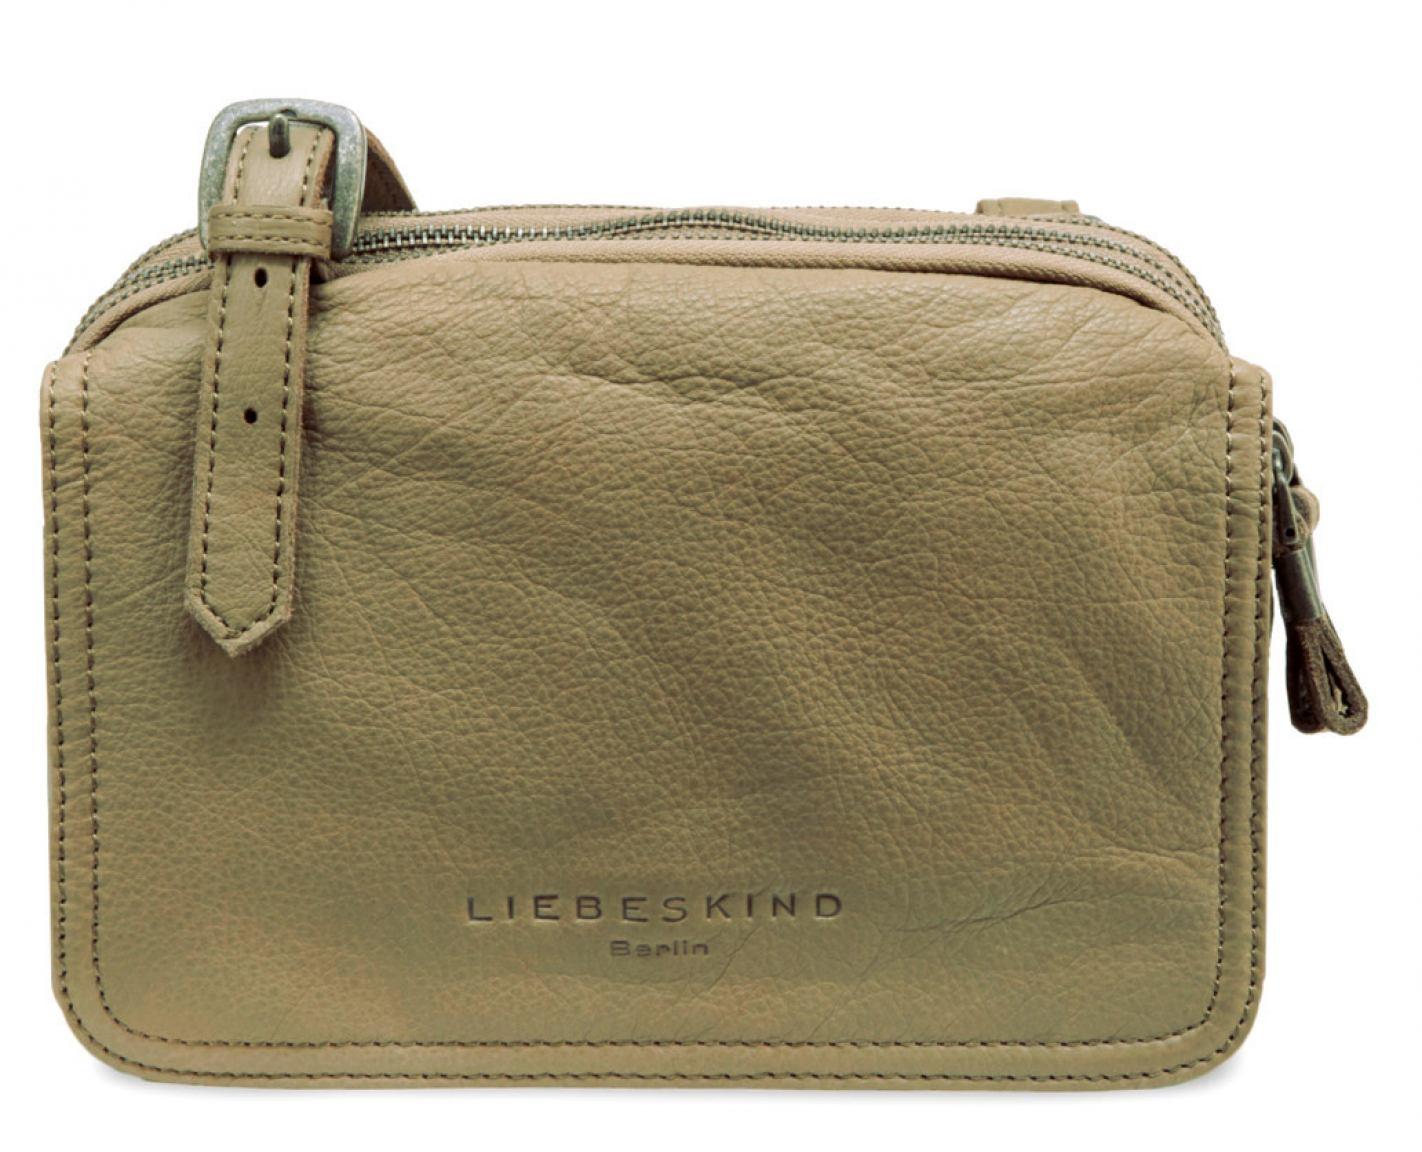 handtasche liebeskind maike6 new flint grau bags more. Black Bedroom Furniture Sets. Home Design Ideas